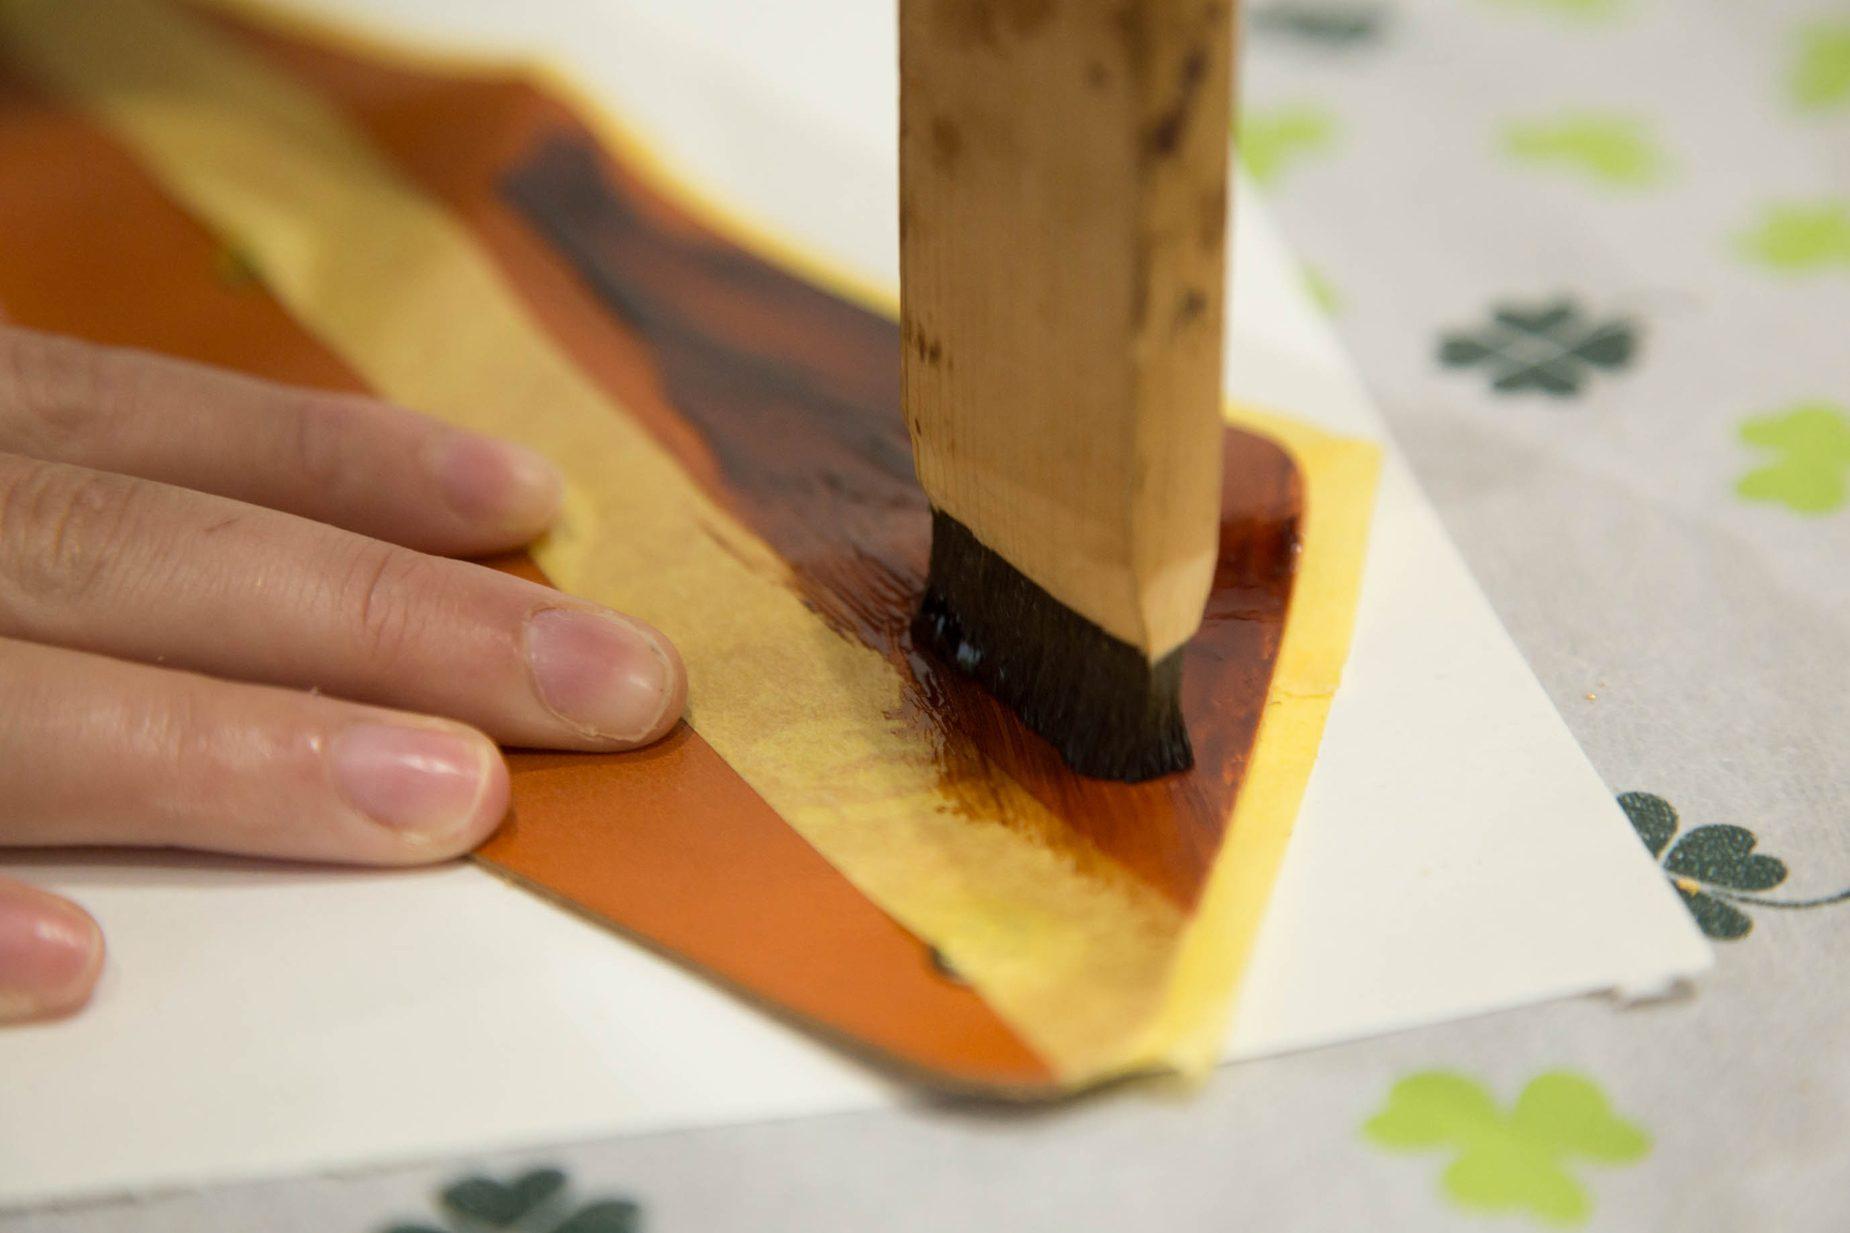 漆刷毛の毛が傷んだときは鉛筆のようにまわりの木を削ることで新しい毛がでてきます。